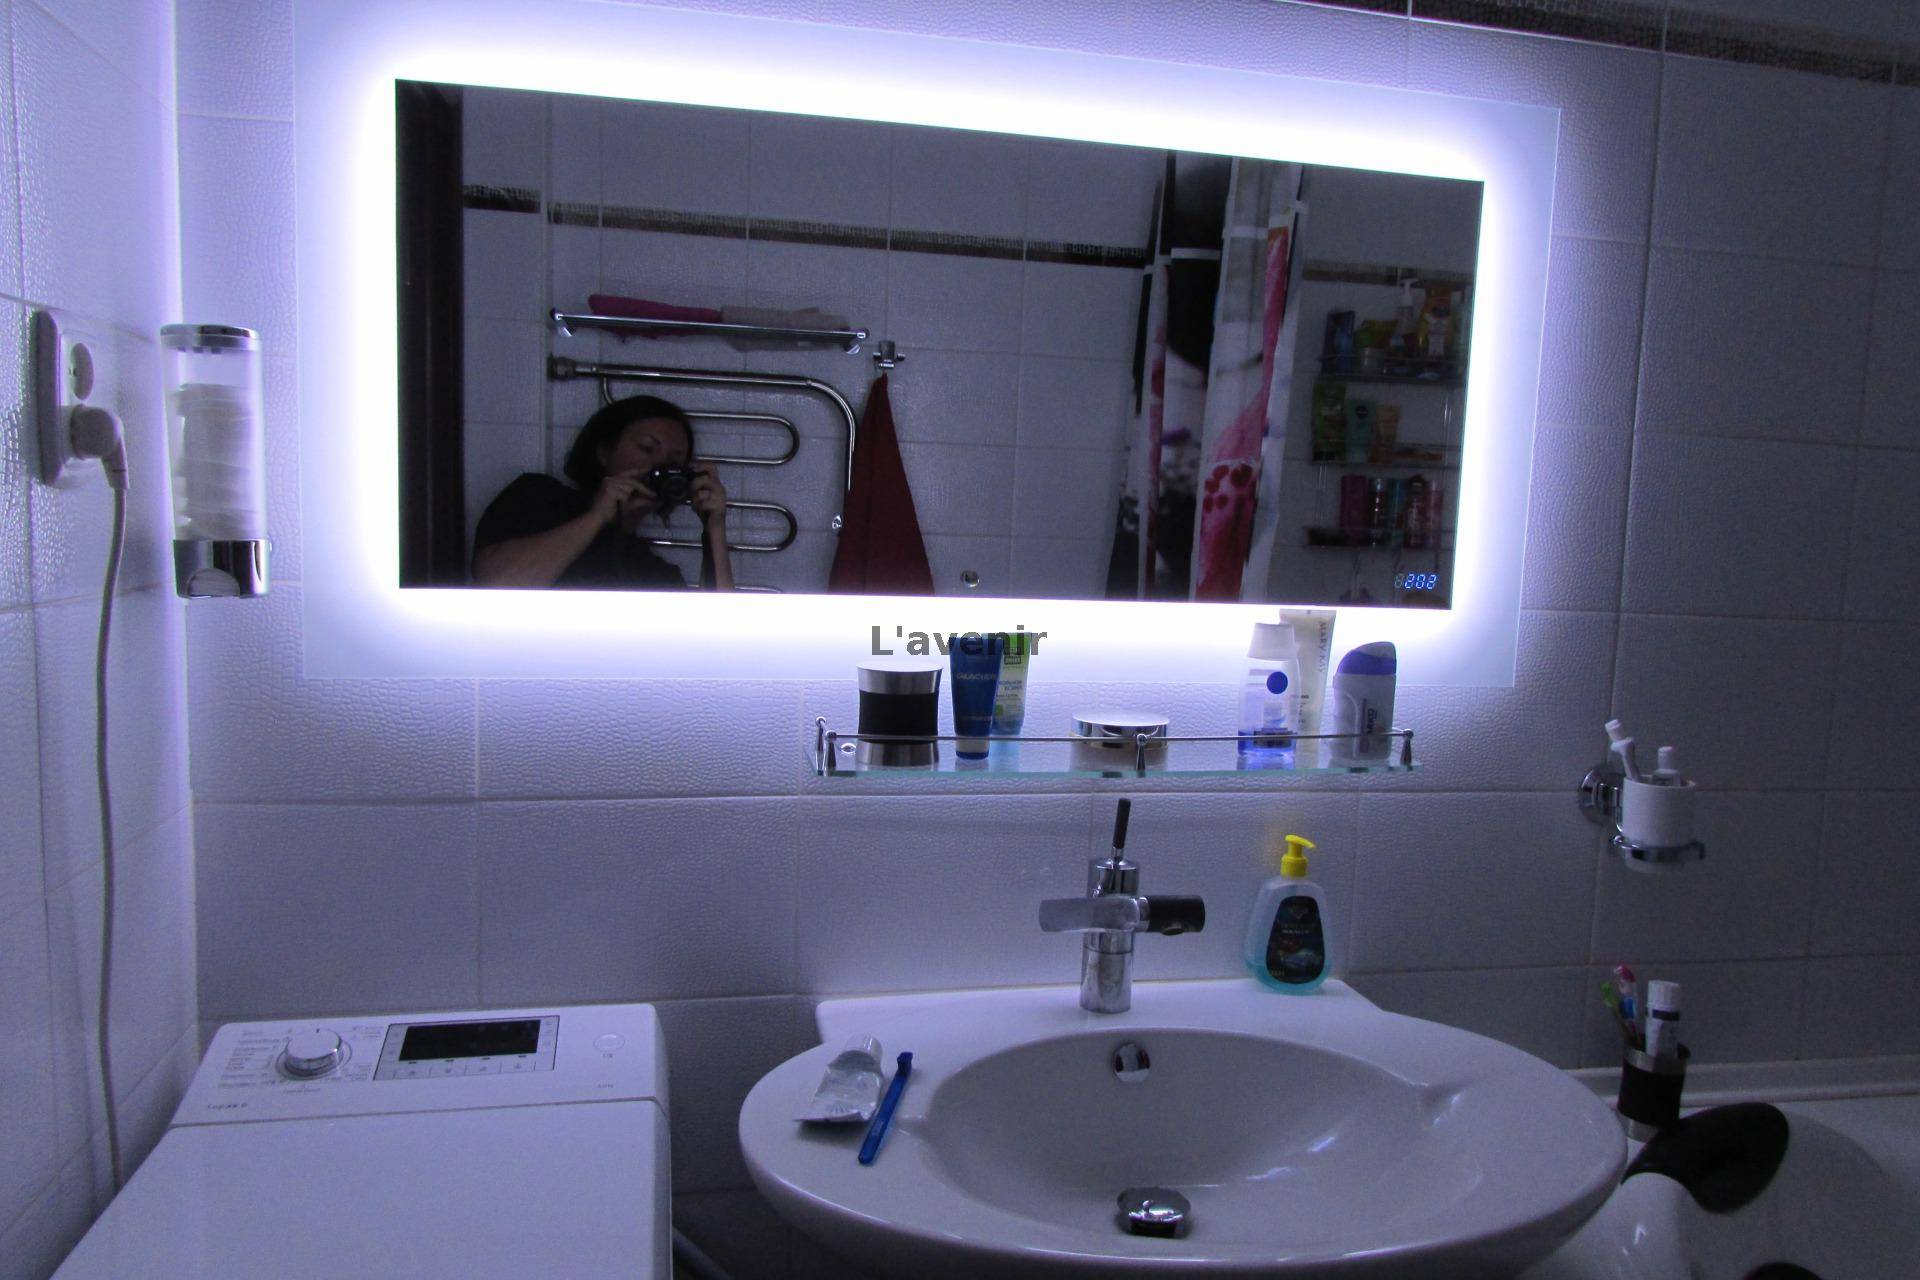 Светодиодная подсветка для кухни рабочей зоны: правила выбора и монтажа, фото